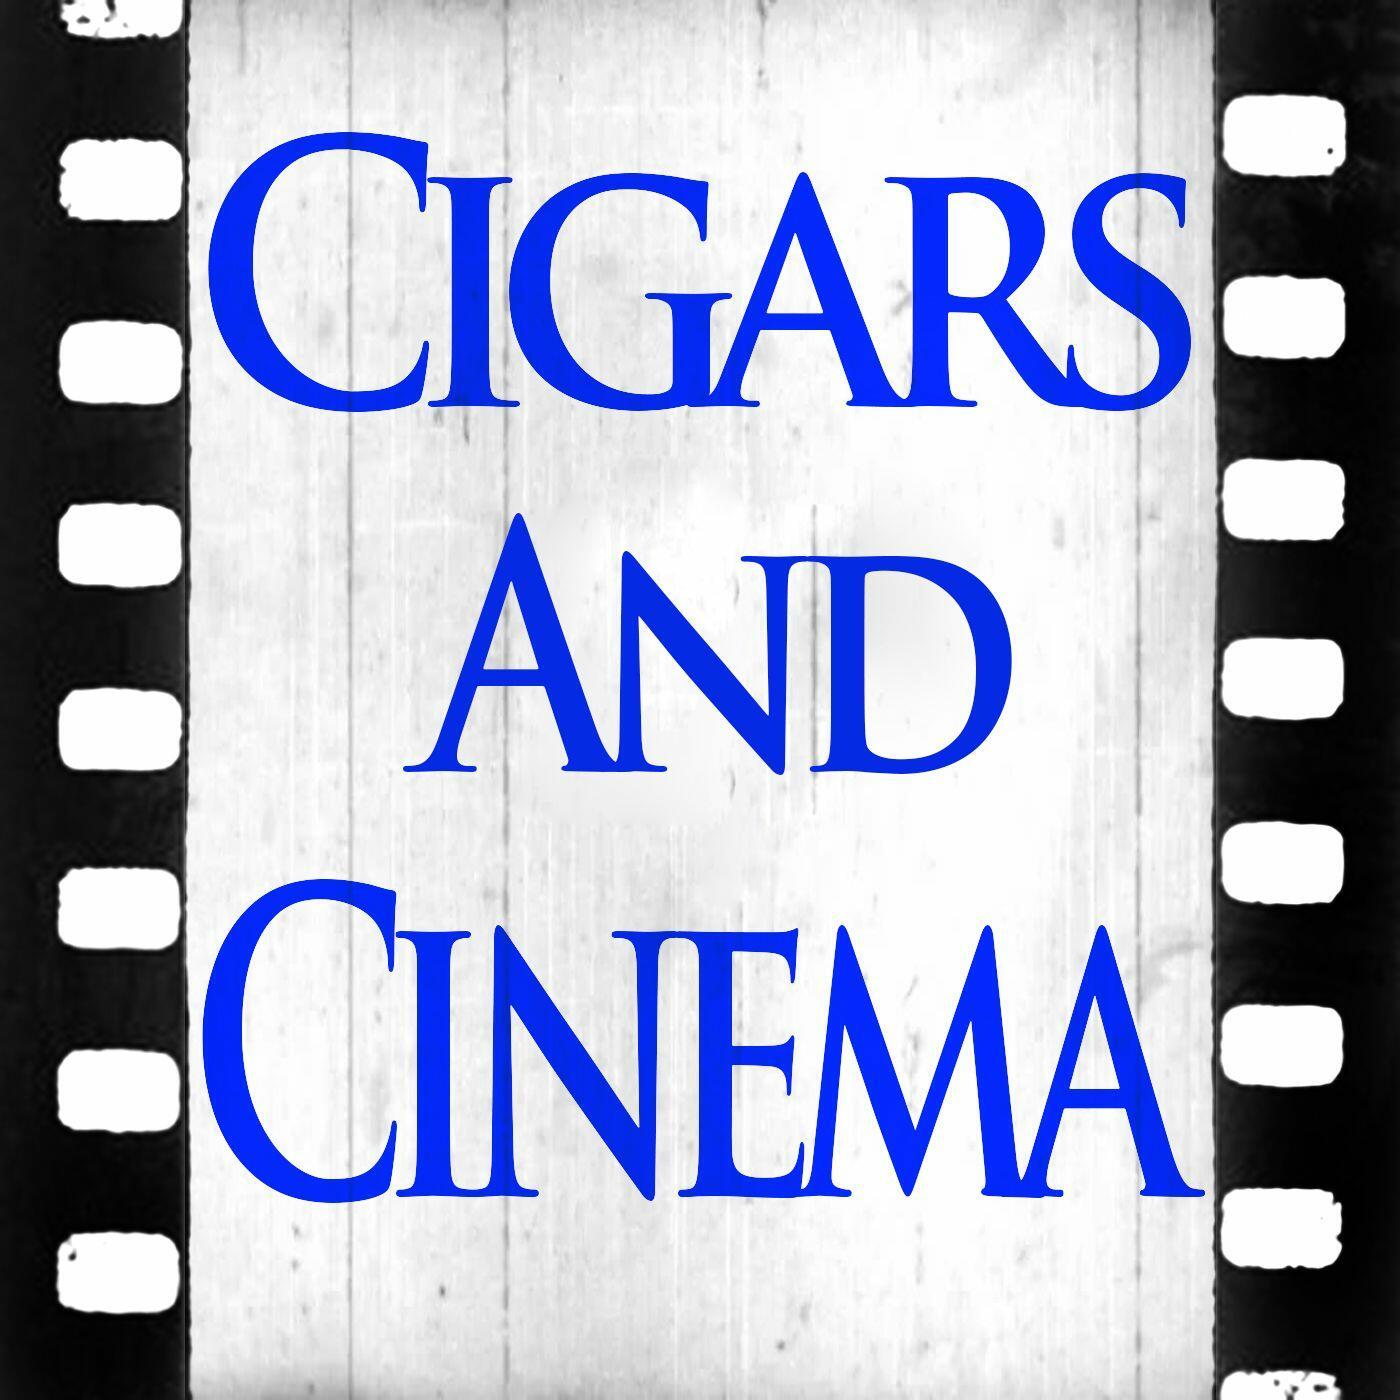 Cigars and Cinema